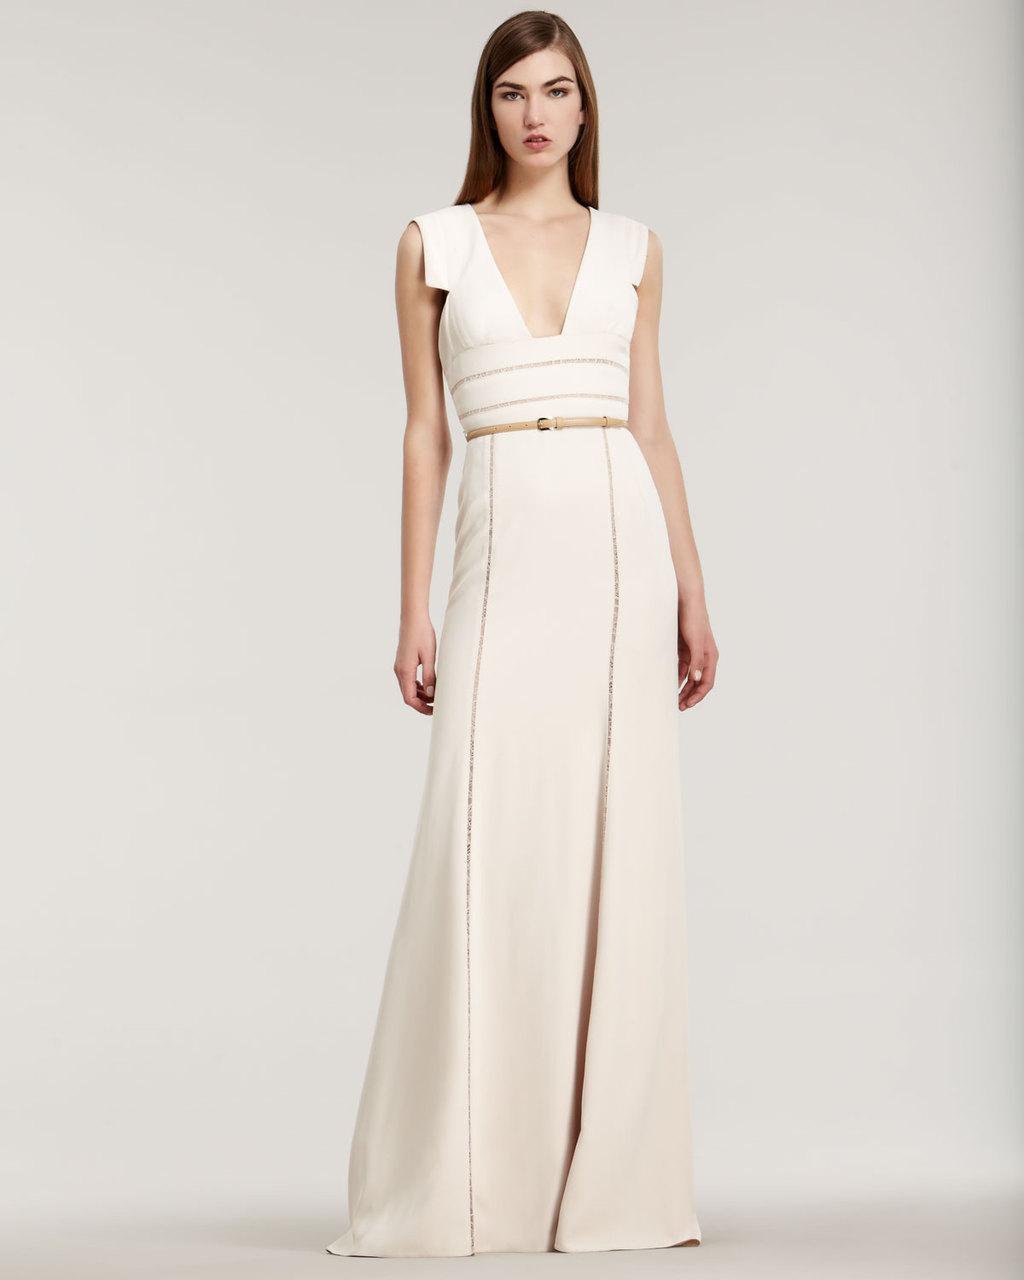 embellished elie saab mermaid wedding gown elie saab wedding dress amazing elie saab mermaid wedding dresses 10